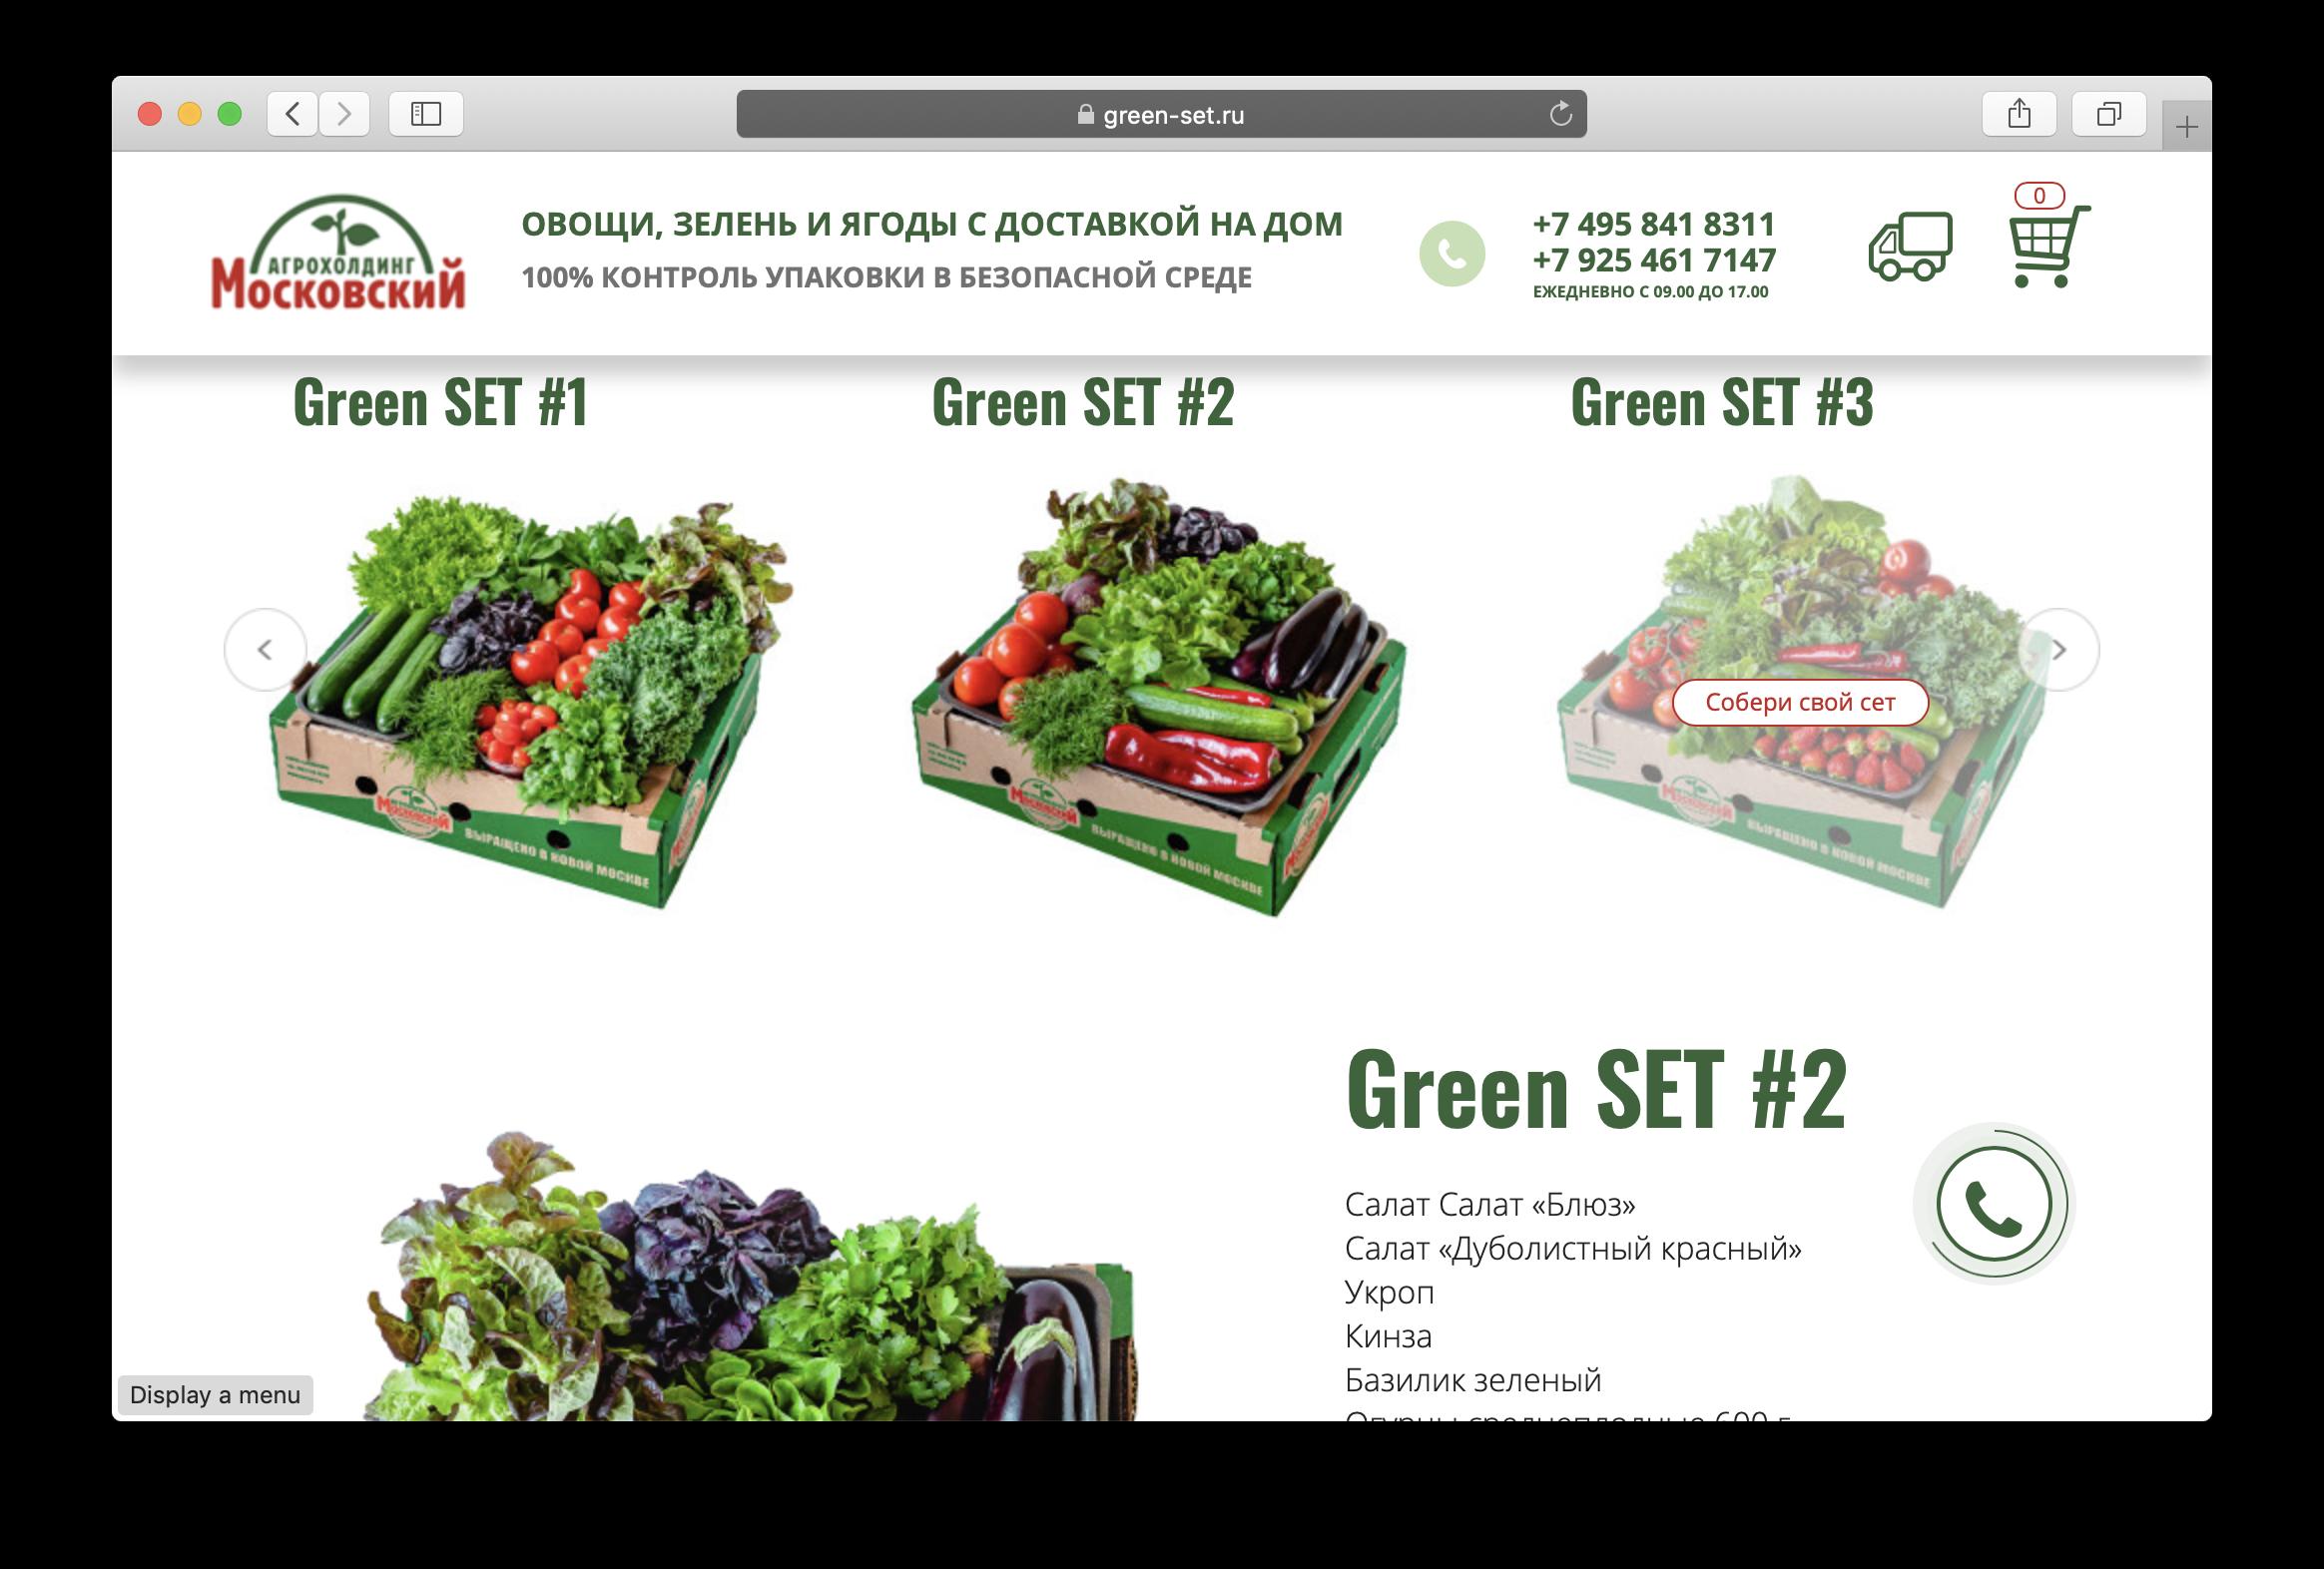 Скриншот с сайта https://green-set.ru/